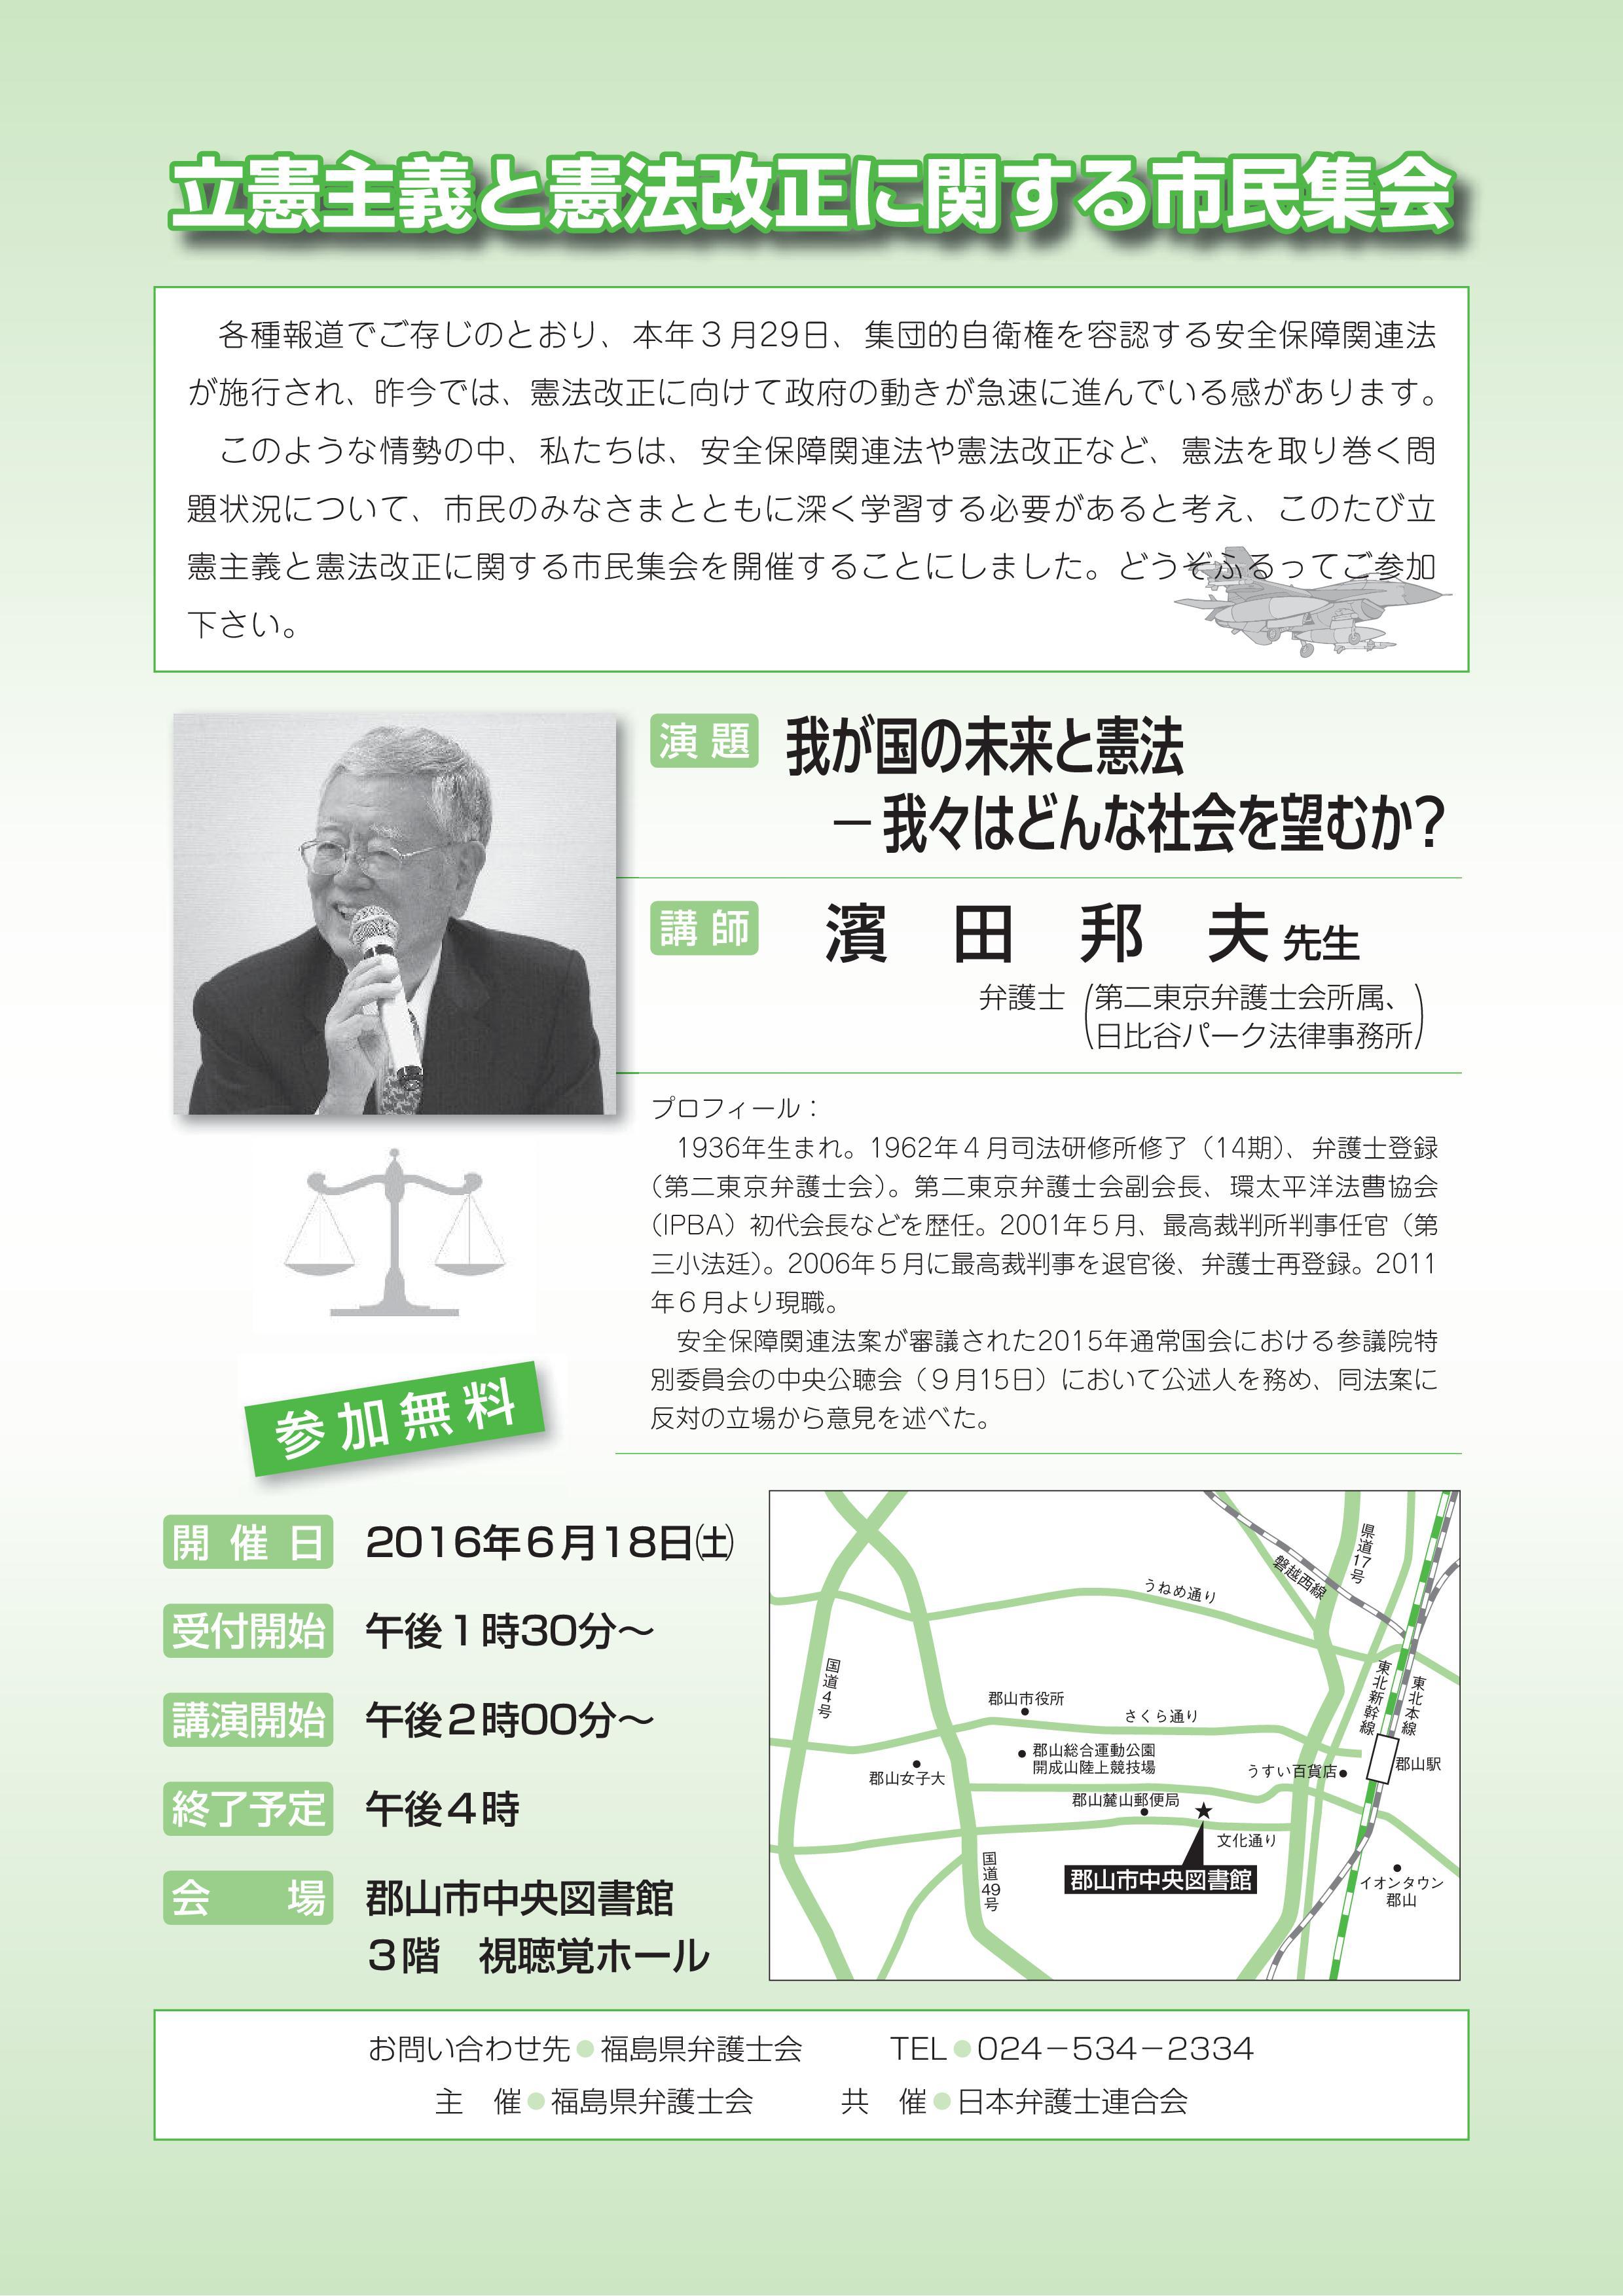 20160618市民講演会チラシ